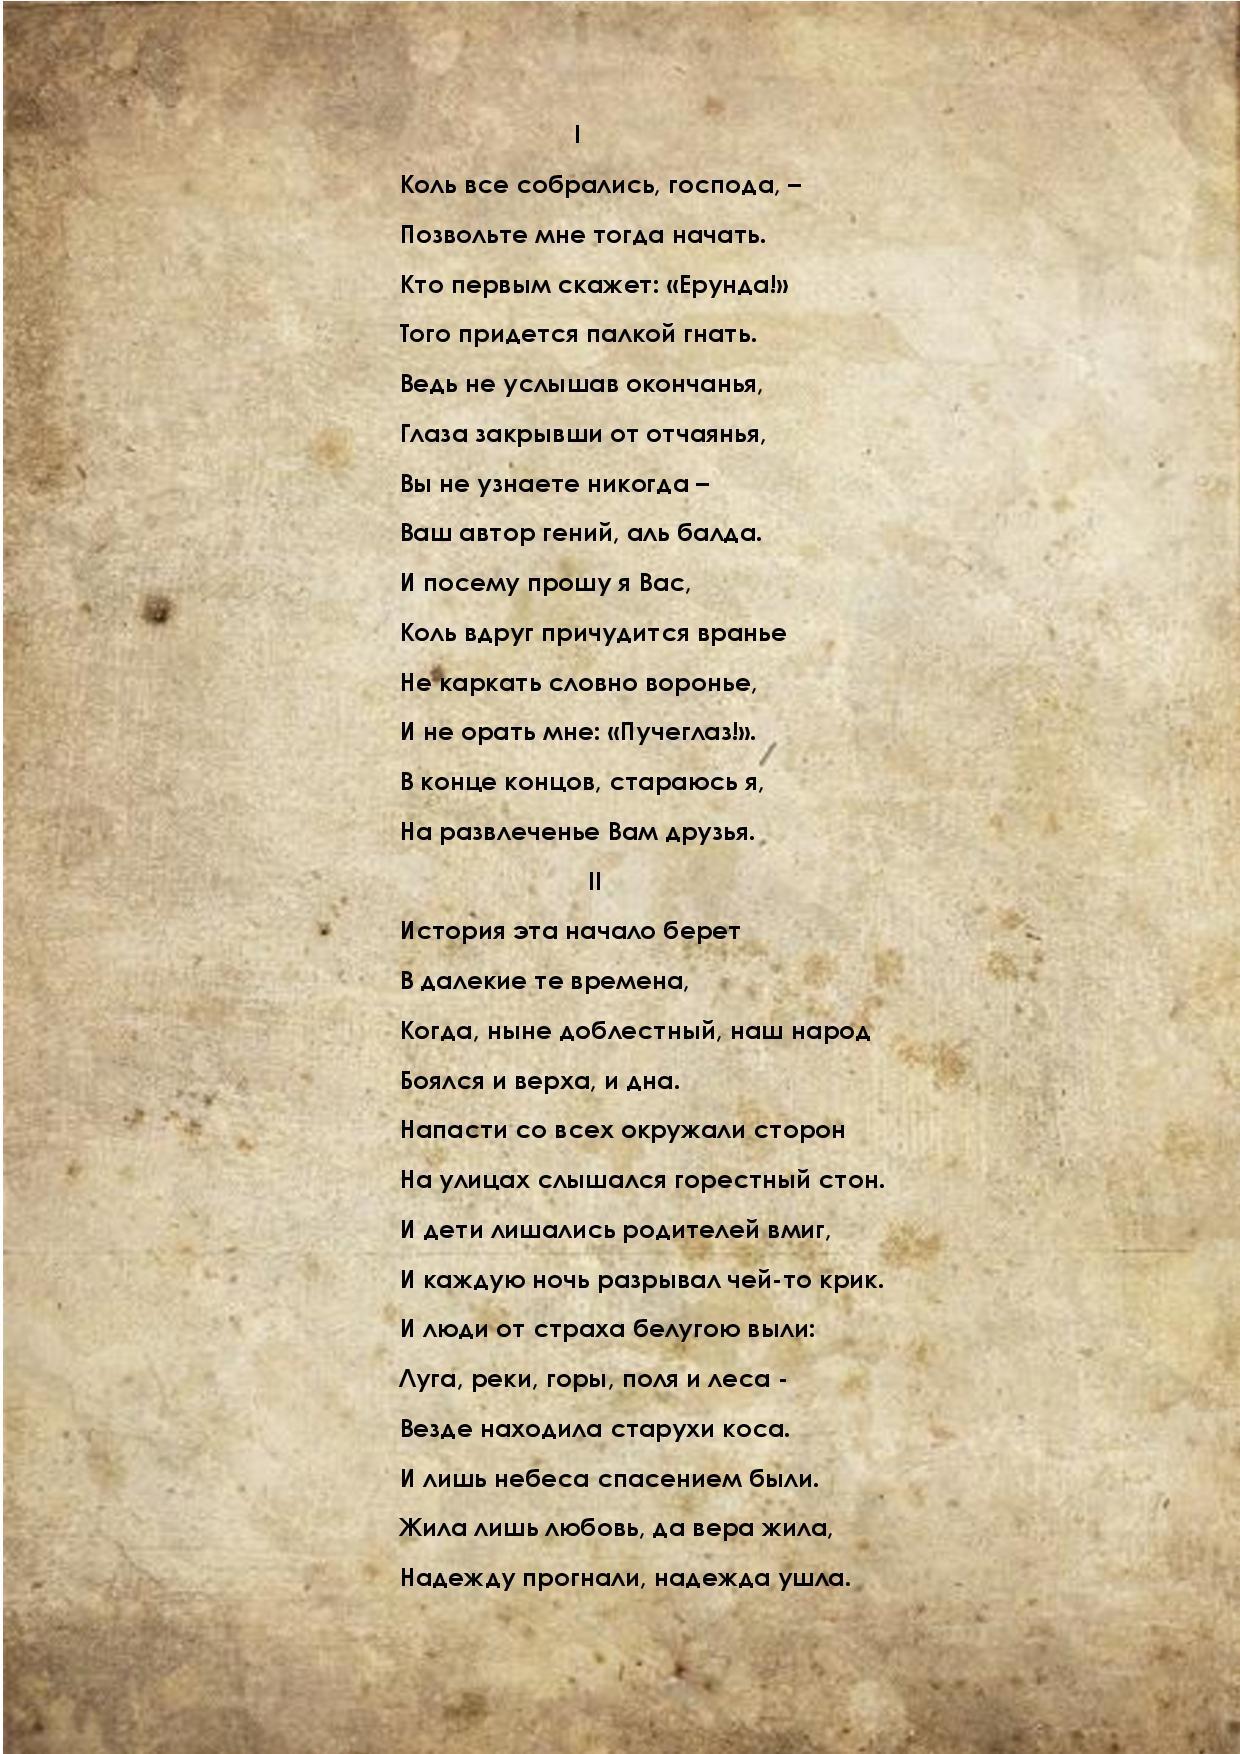 Лучшие работы на конкурс по Ведьмаку 3 - Изображение 25